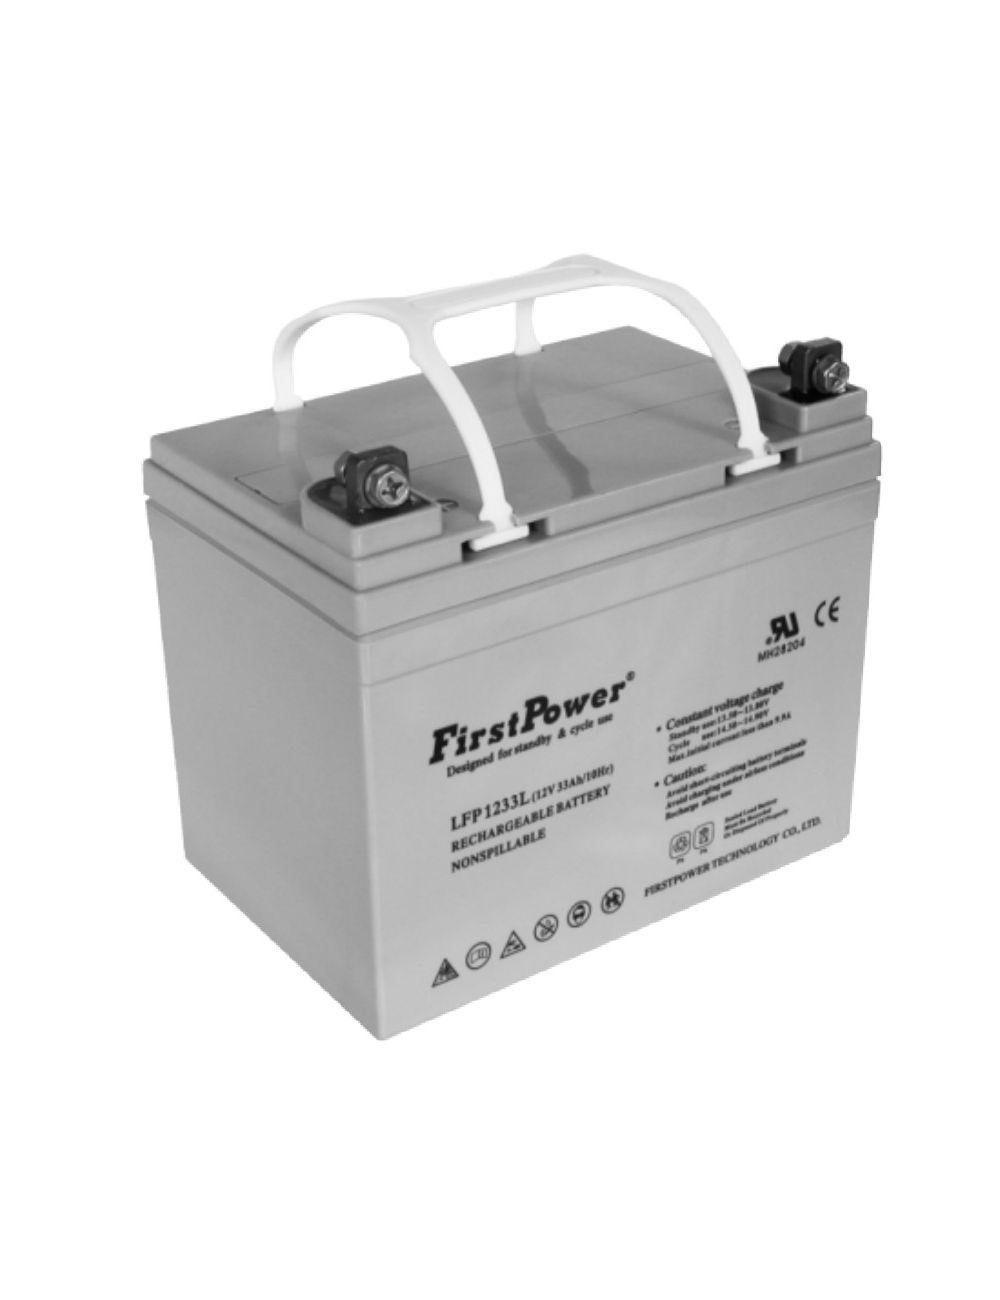 Batería de gel 12V 33Ah First Power serie LFP